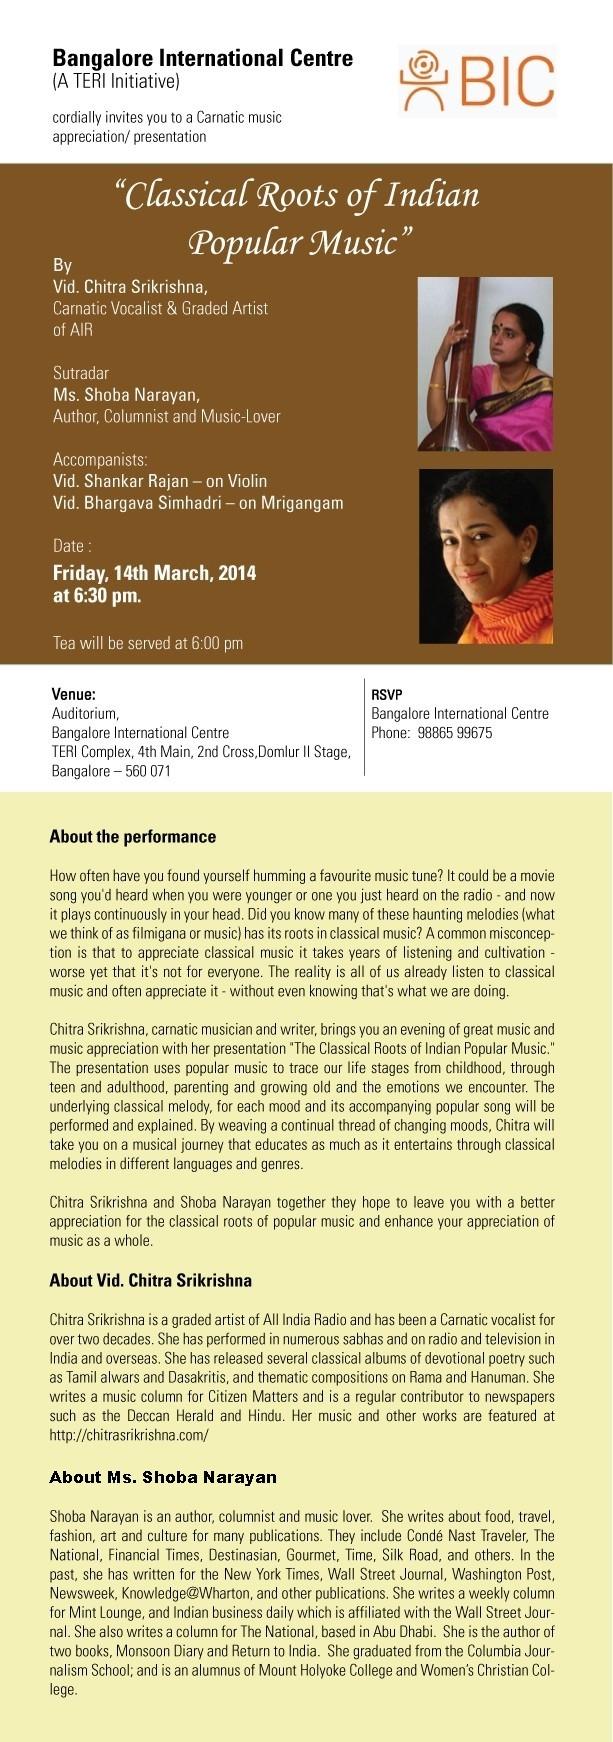 Invite dt. 14-03-2014